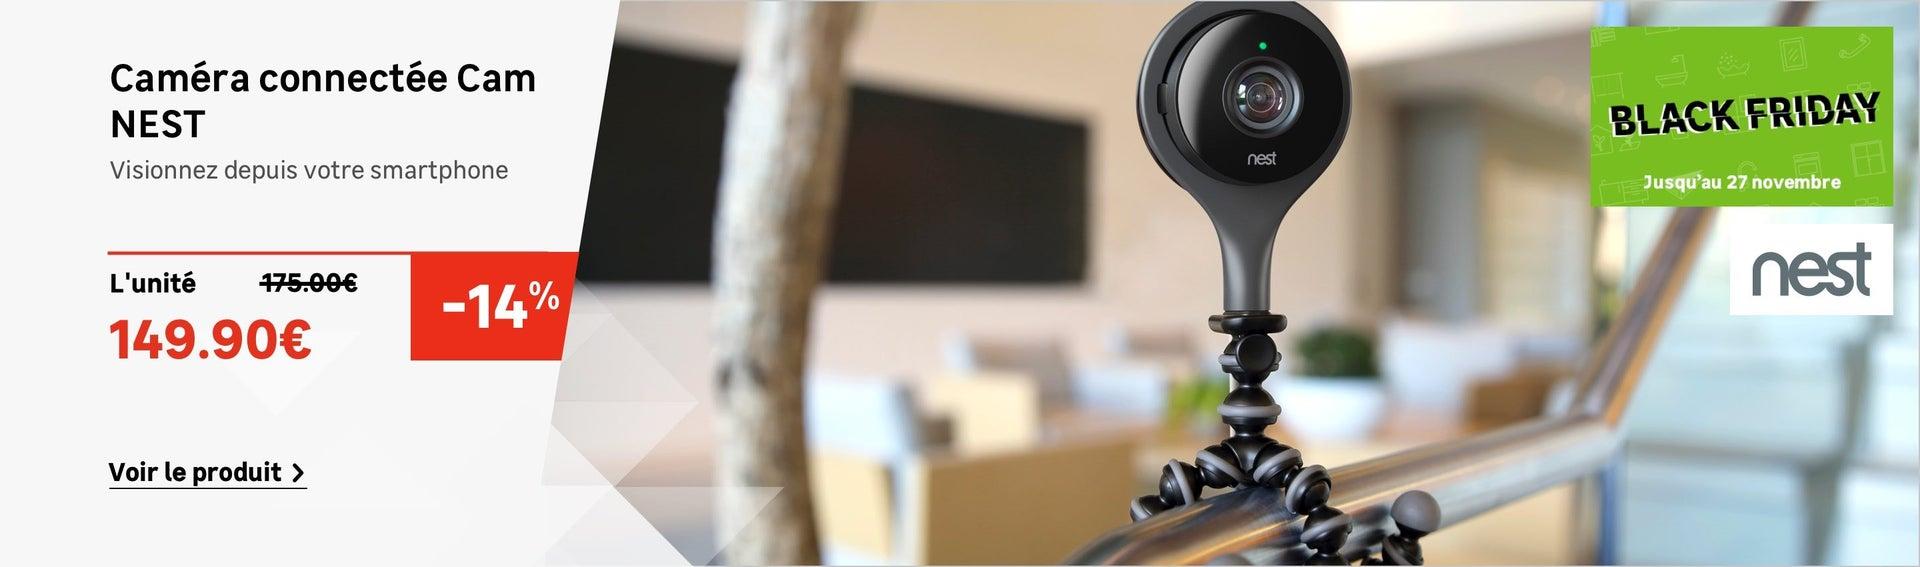 Caméra connectée Cam NEST